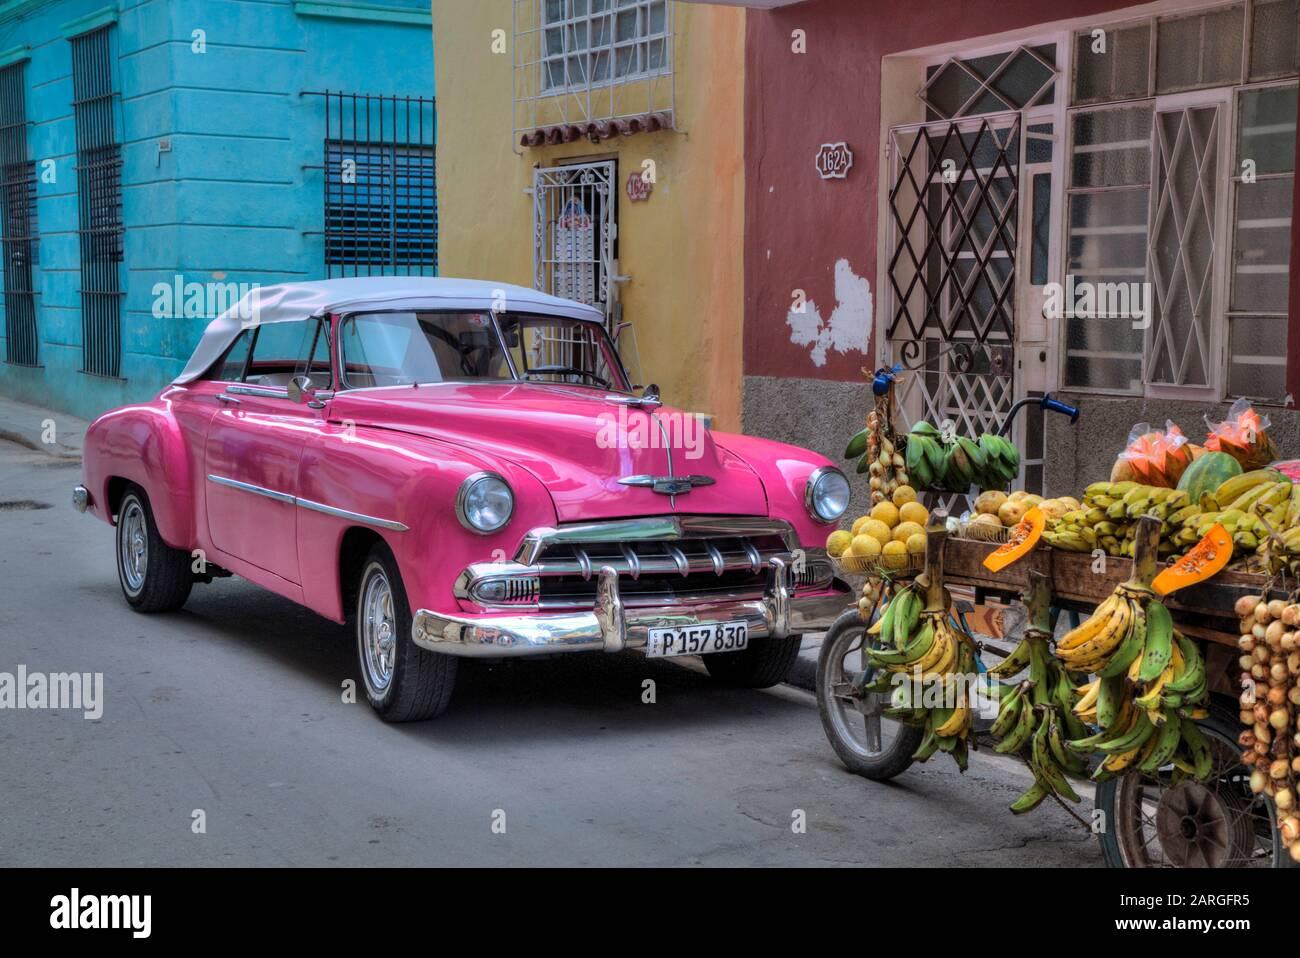 Vieille Voiture Classique, Vieille Ville, Site Classé Au Patrimoine Mondial De L'Unesco, La Havane, Cuba, Antilles, Caraïbes, Amérique Centrale Banque D'Images